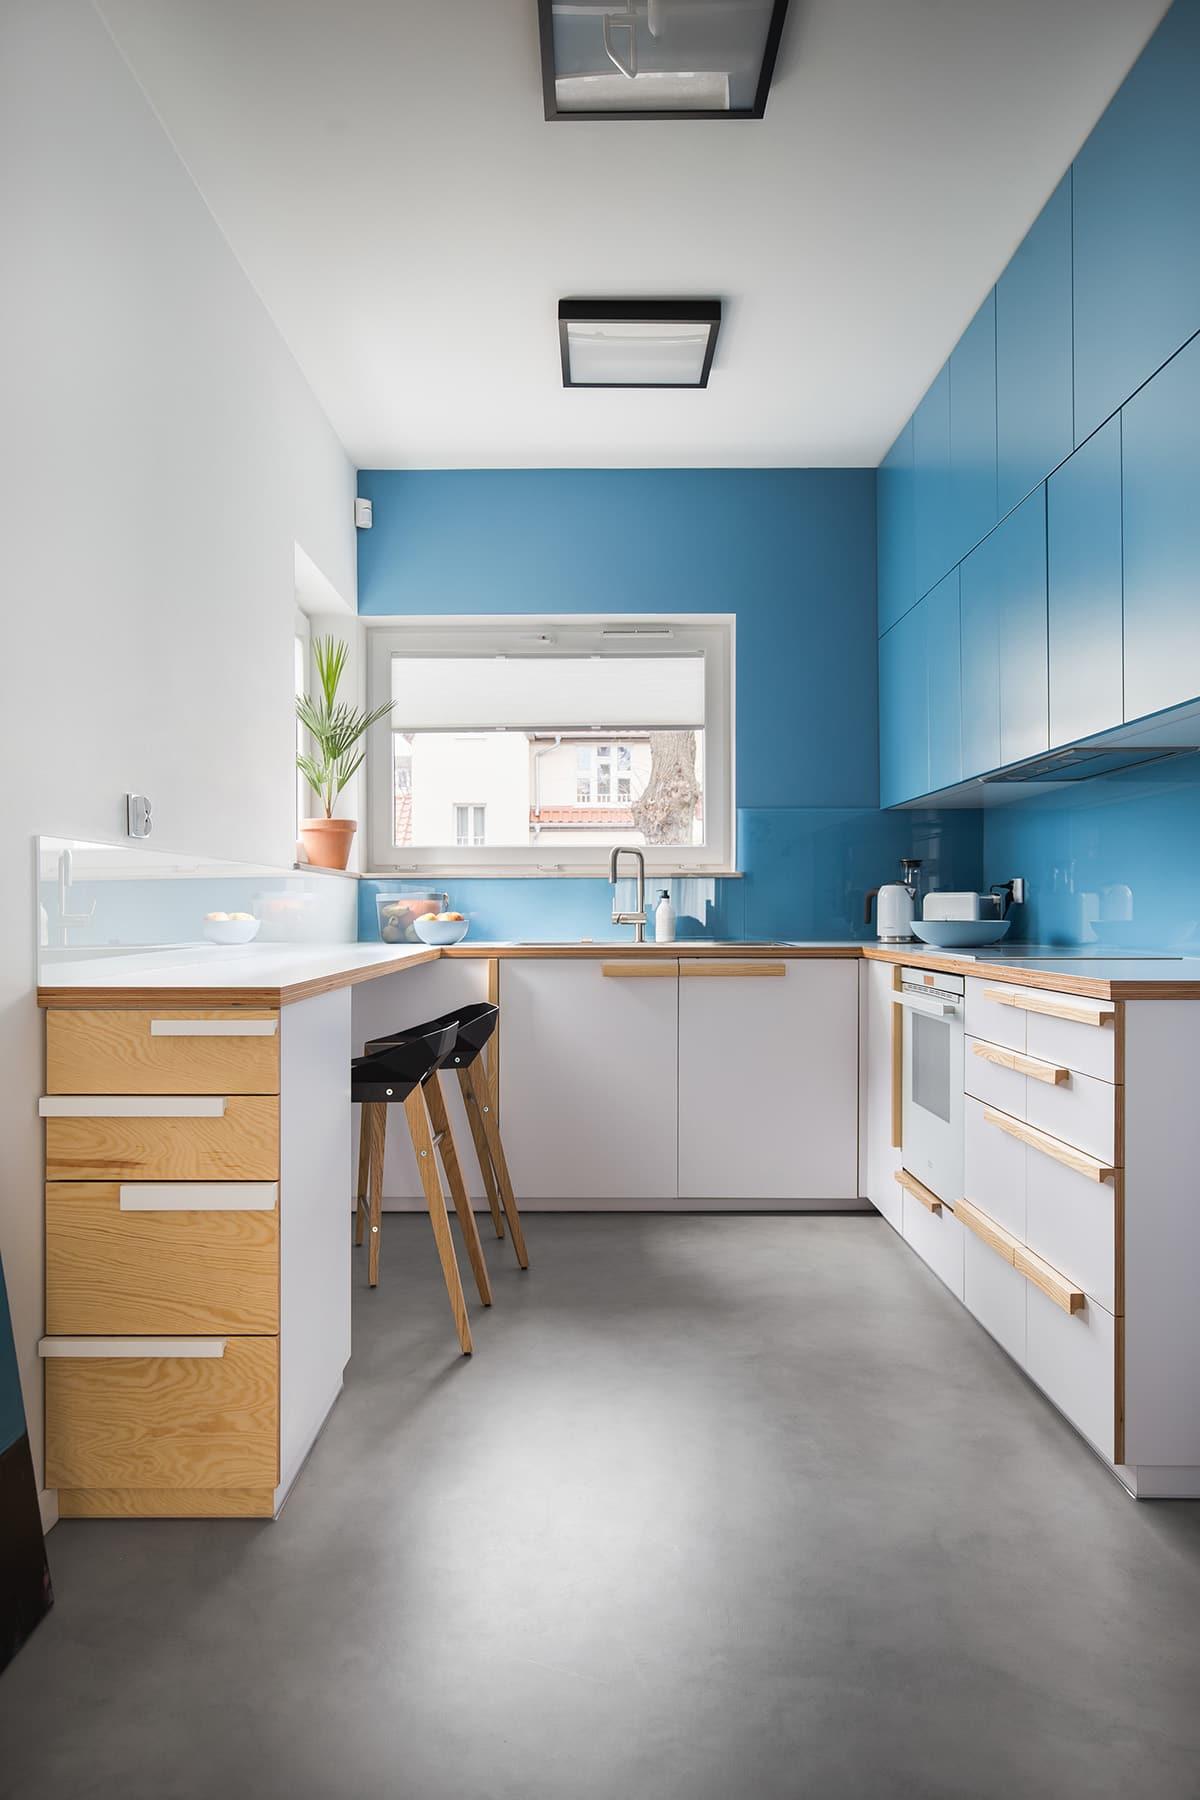 Современная бело-голубая узкая кухня в стиле минимализм, где главный акцент сделан на простоту и выразительность